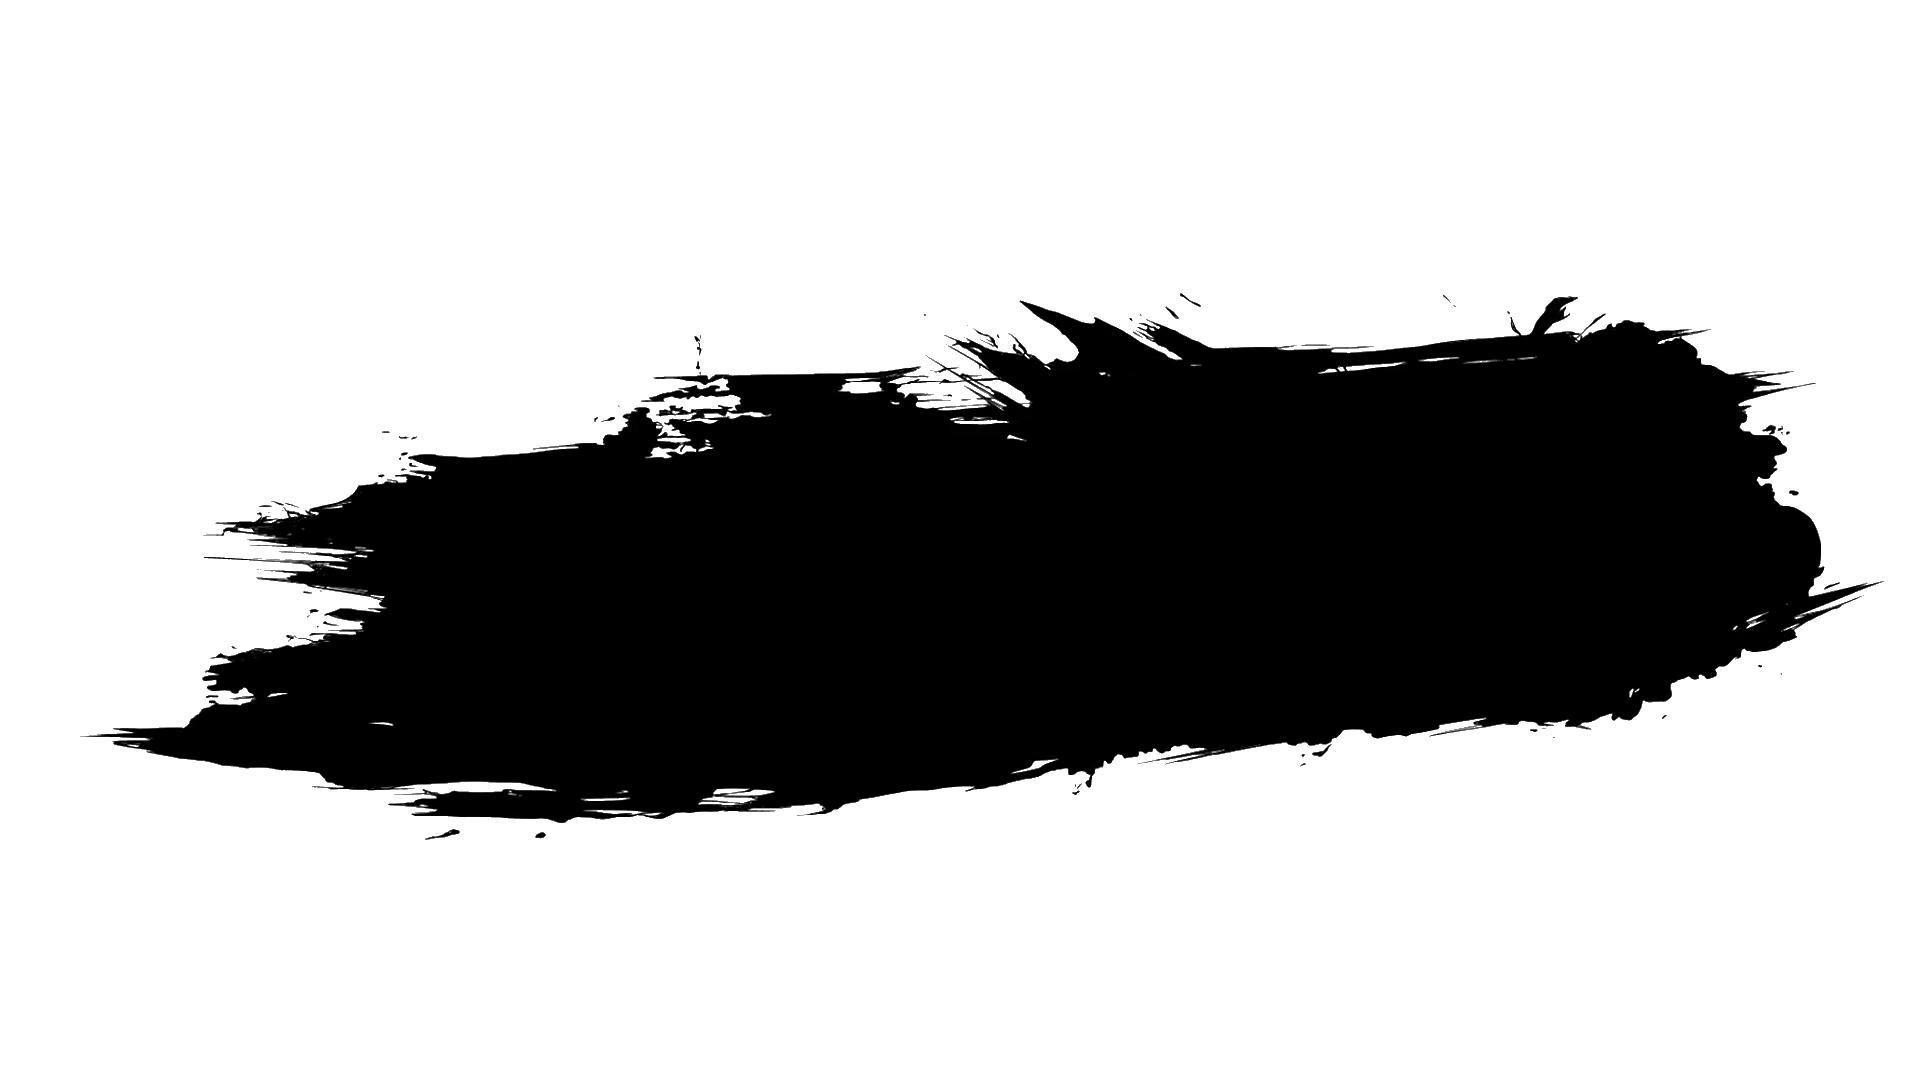 black splash png painting deviantart drawing - white splash png download